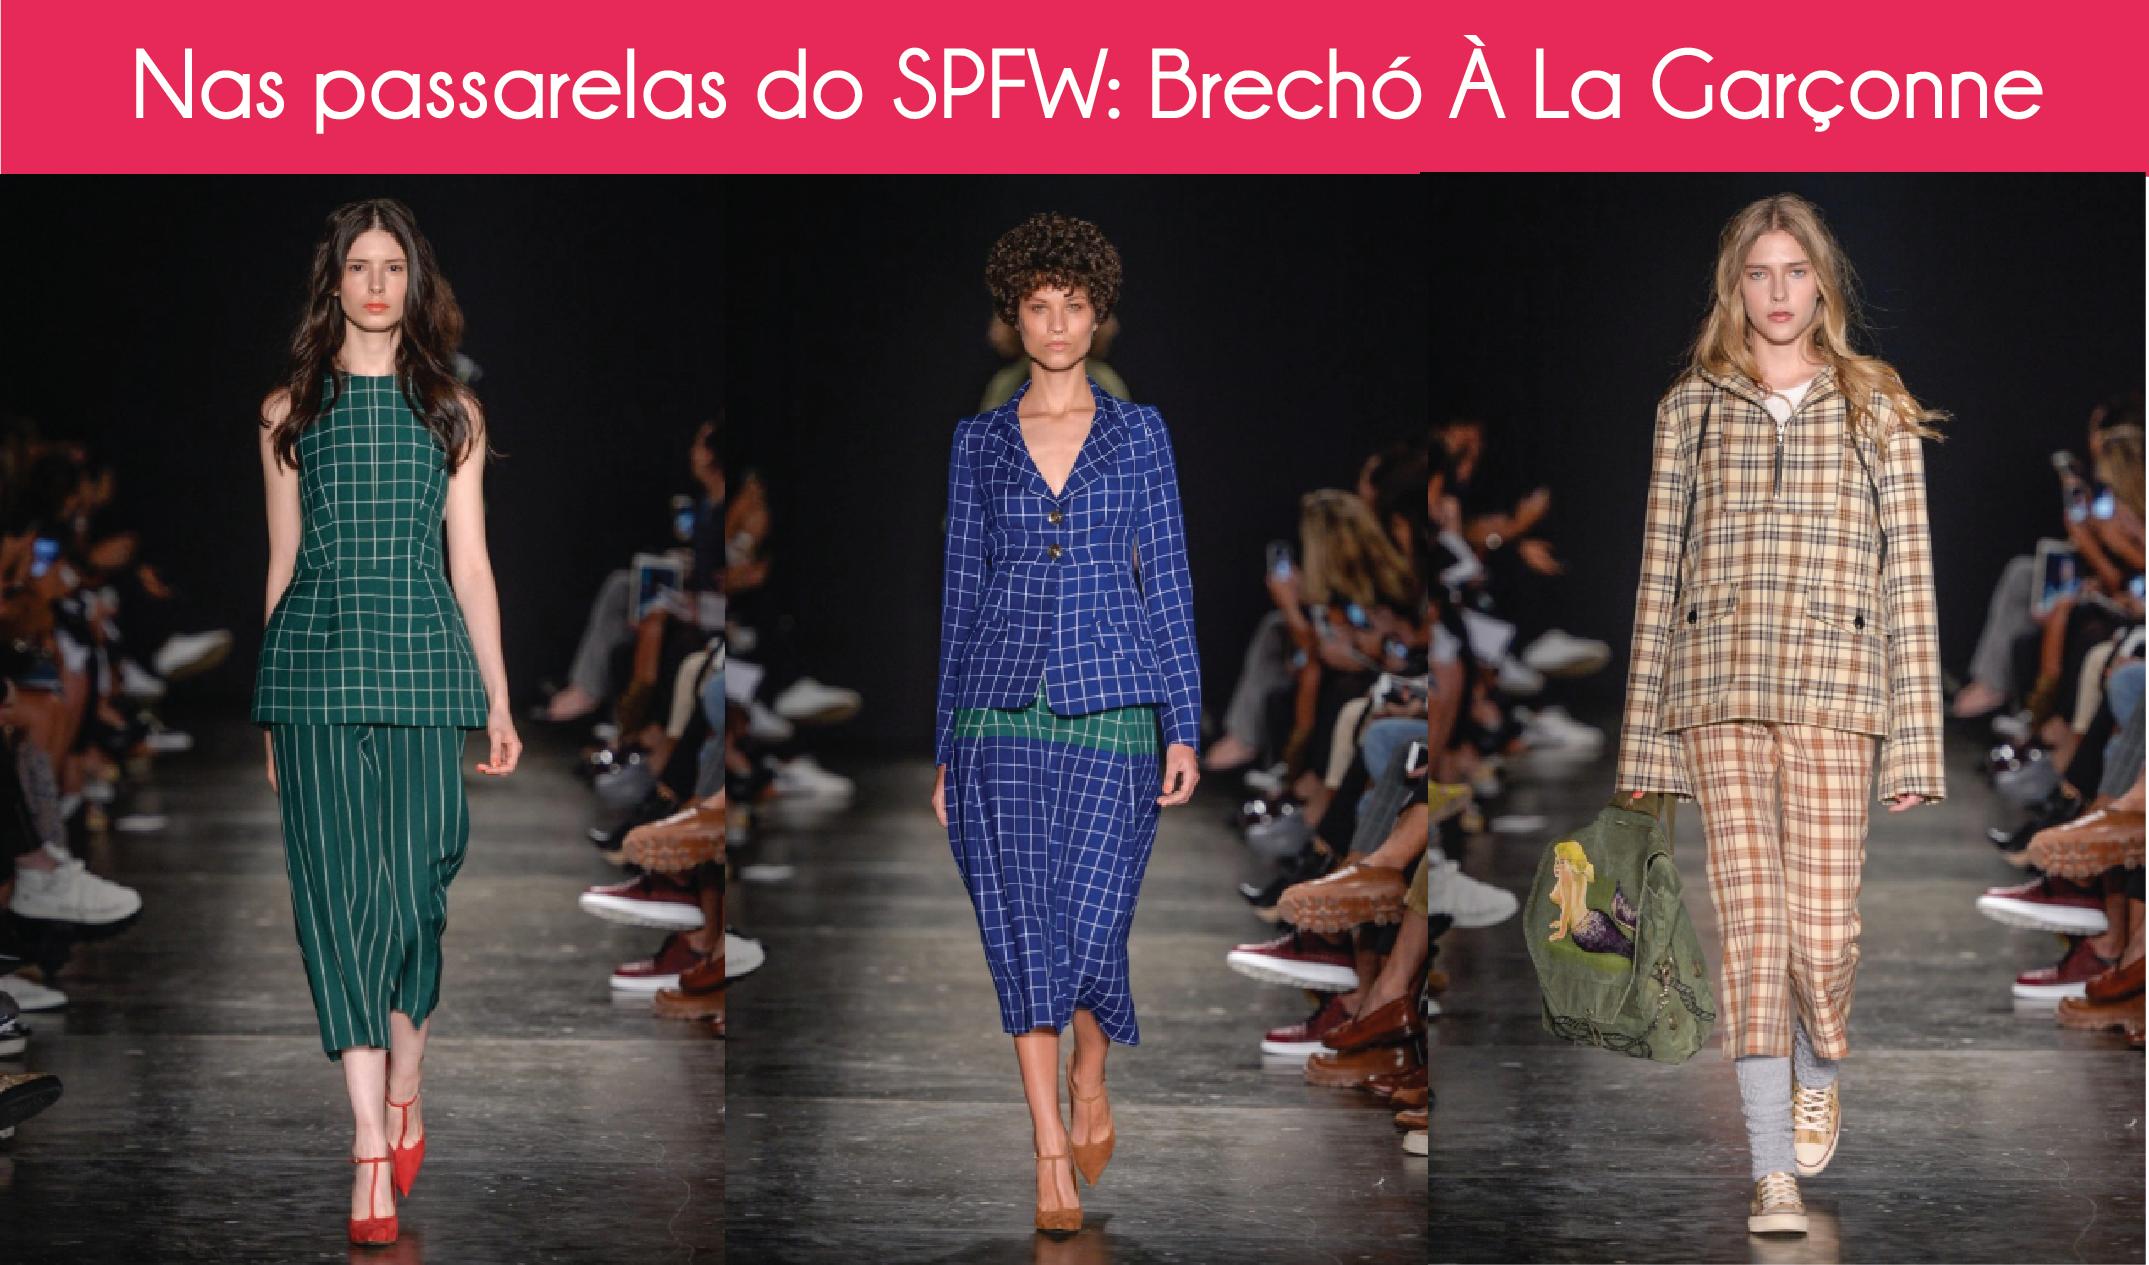 ff824b37697 2-spfw-n-41-tendencia-vintage-retro-moda-passarela-brecho-a-la ...